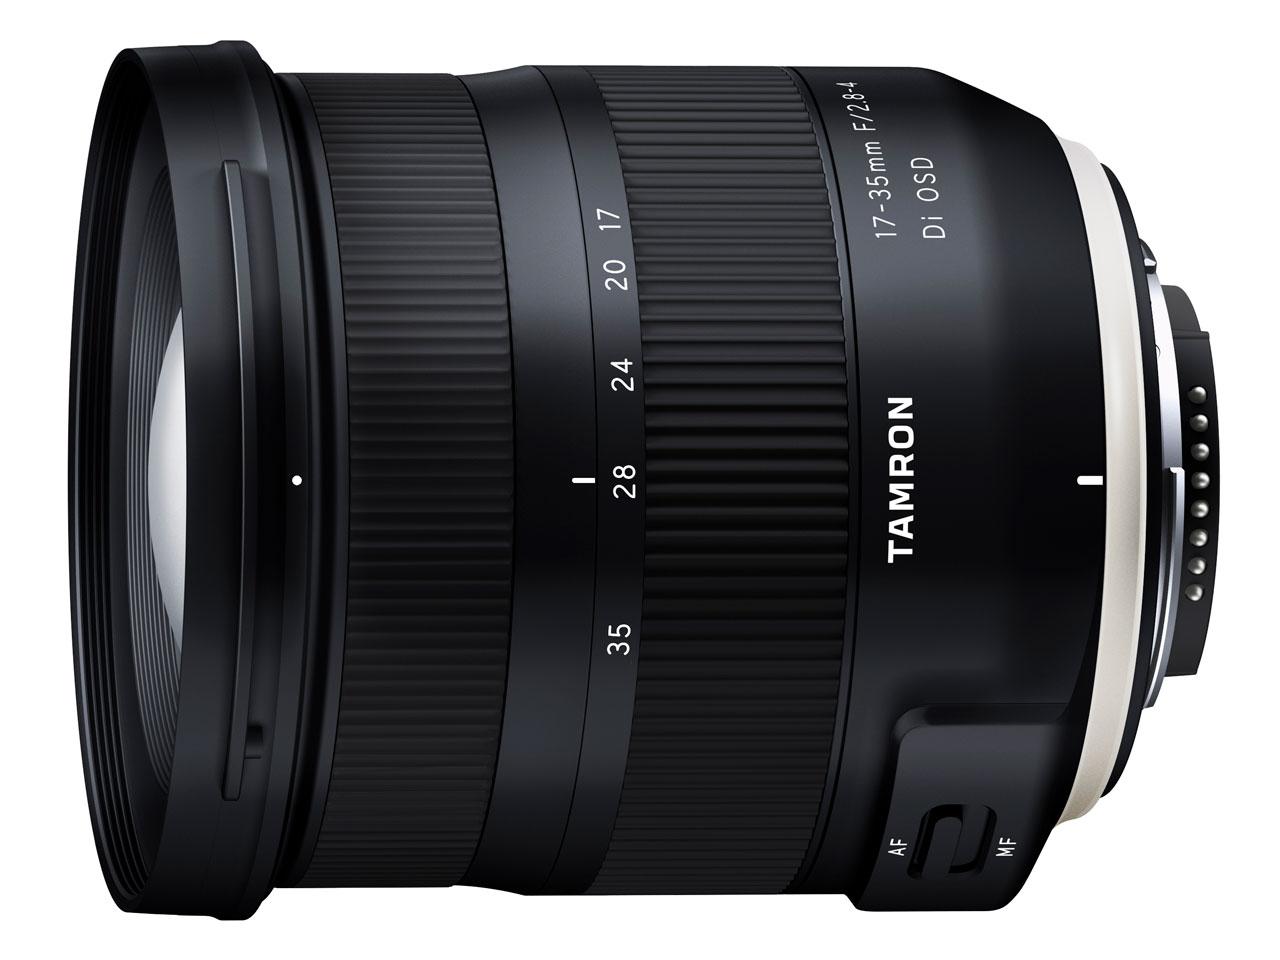 17-35mm F/2.8-4 Di OSD (Model A037) [ニコン用] の製品画像